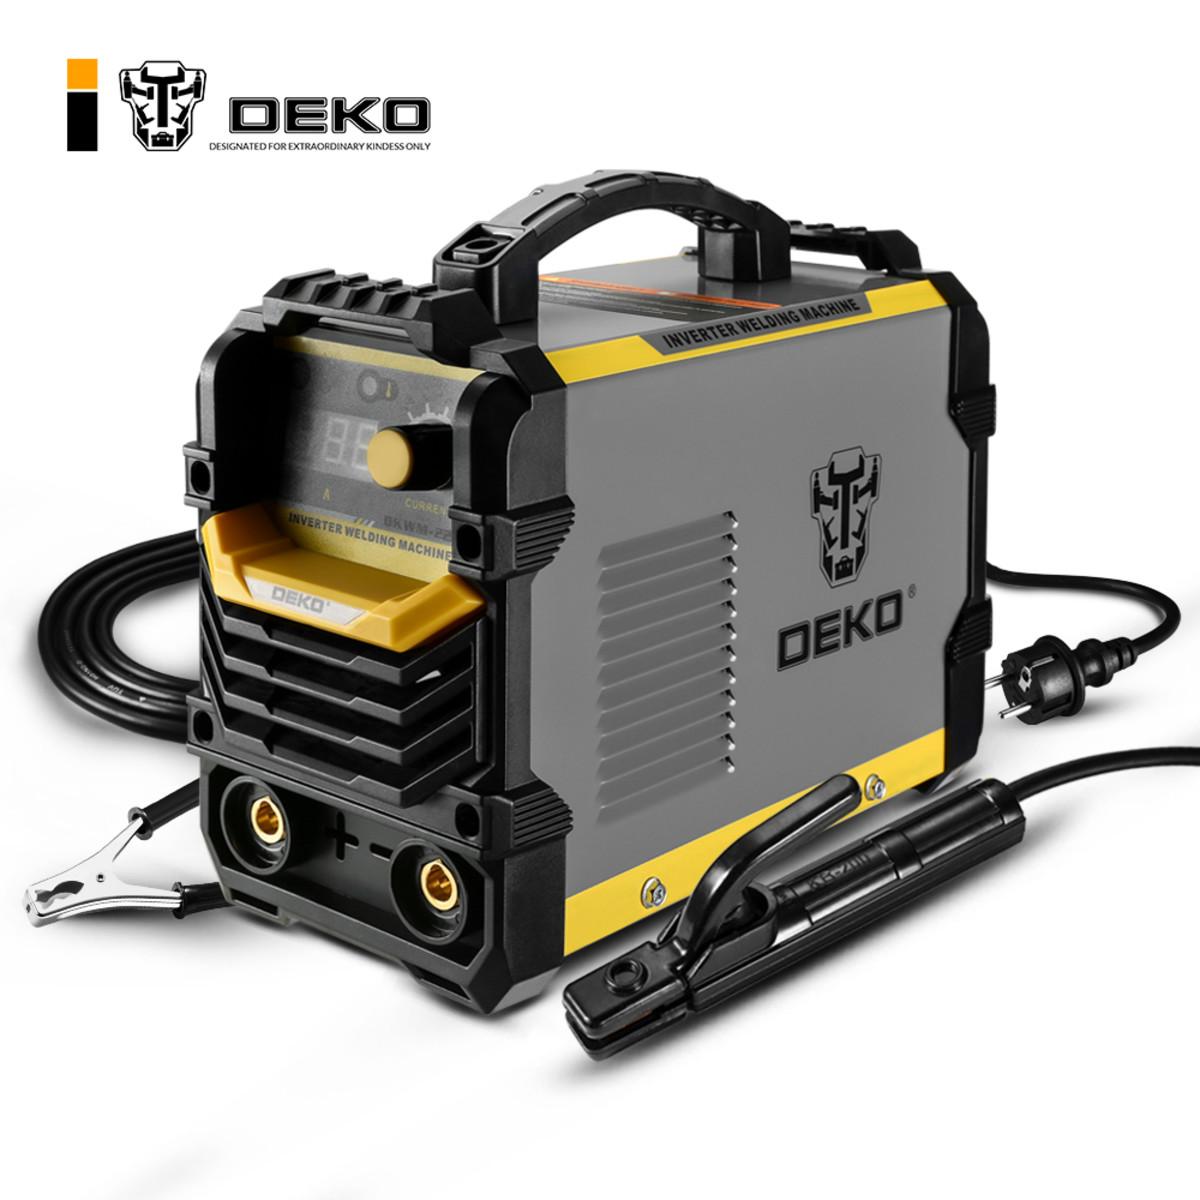 Дуговой сварочный инвертор DEKO DKWM220A 220 А до 5 мм 051-4672